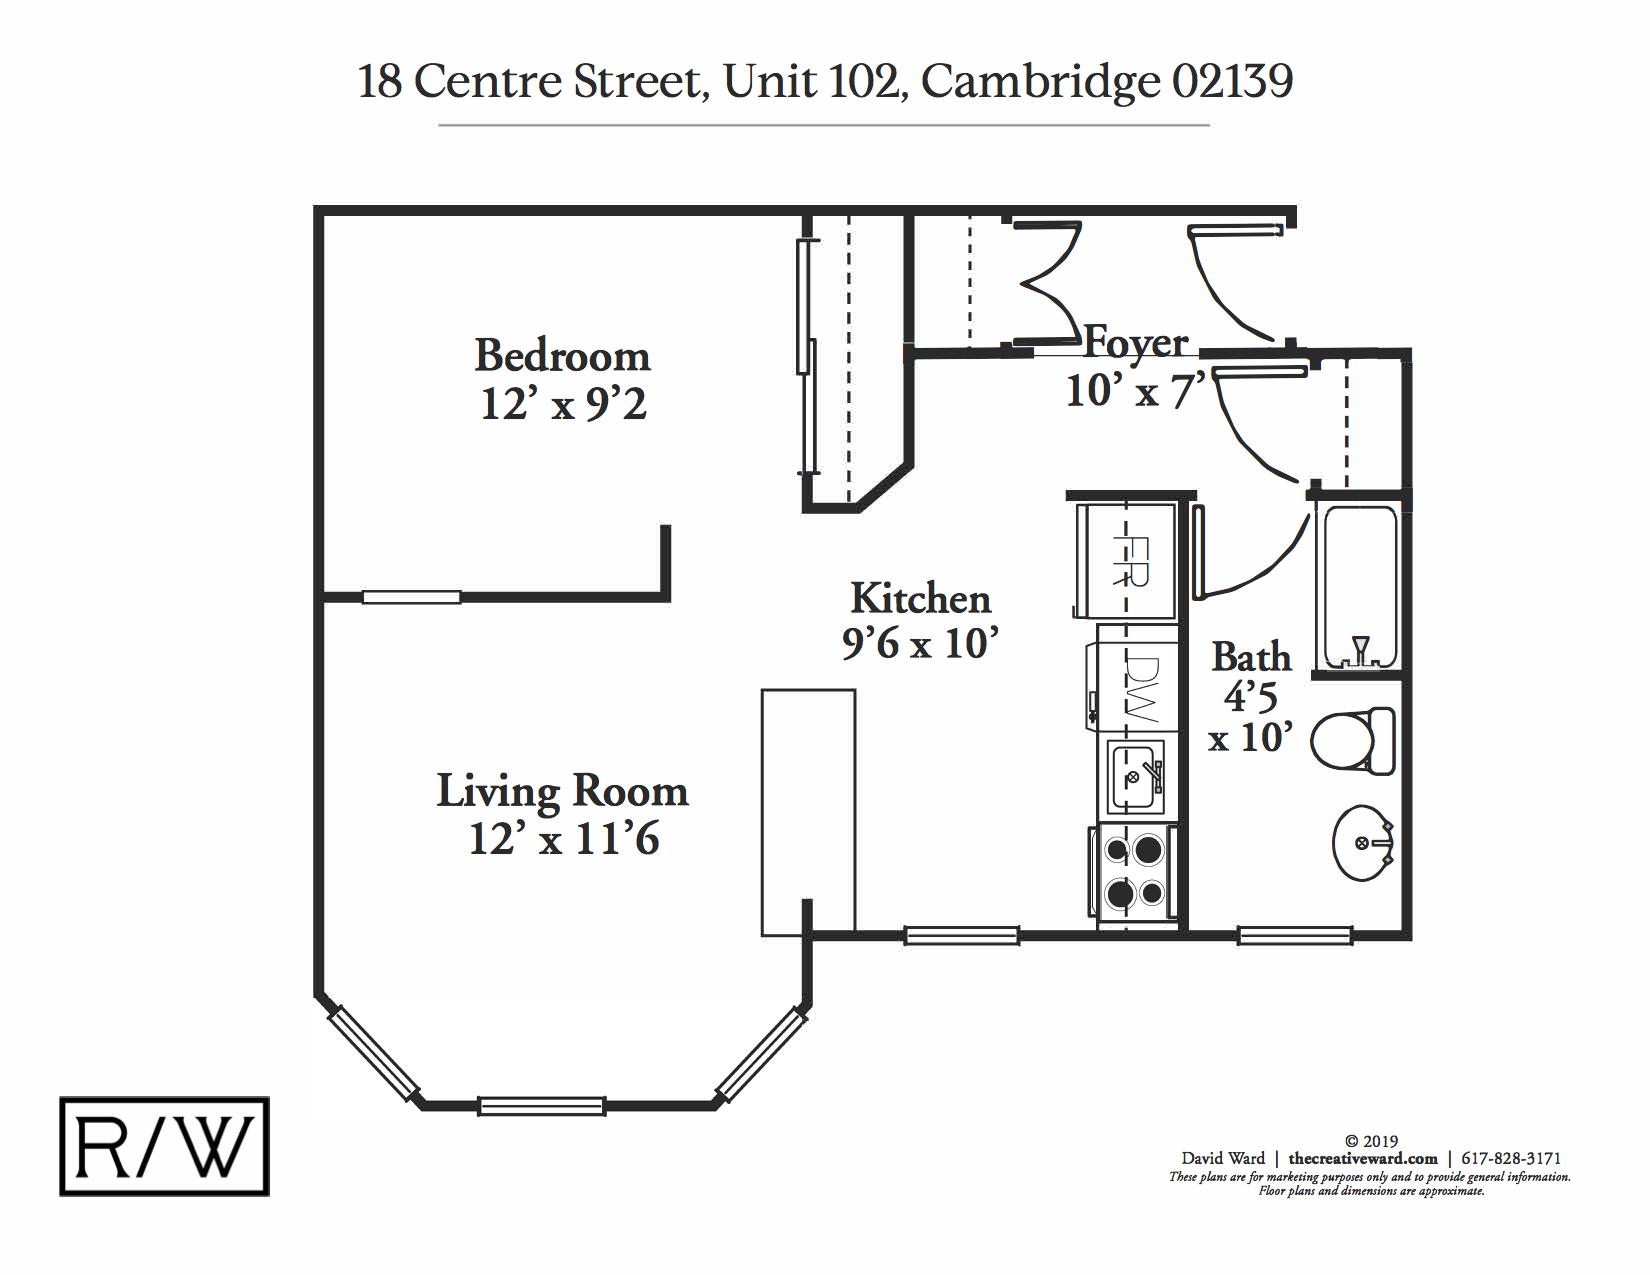 18 Centre, Unit 102 Floorplans.png